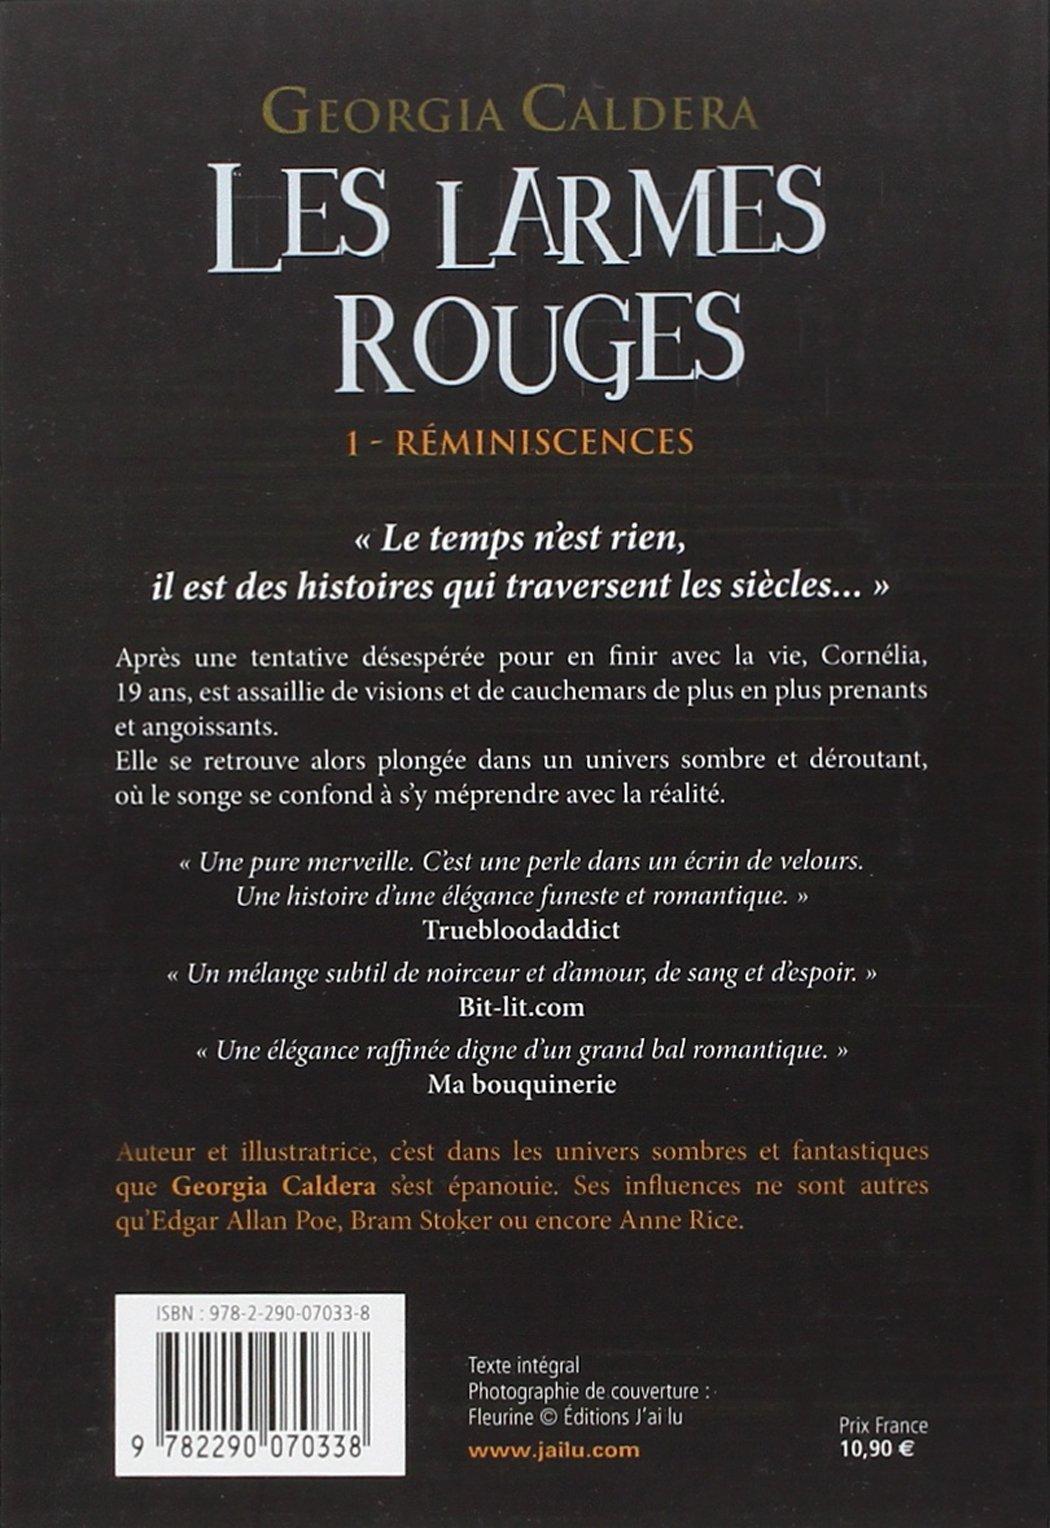 Les Larmes rouges (Tome 1) - Réminiscences (French Edition)